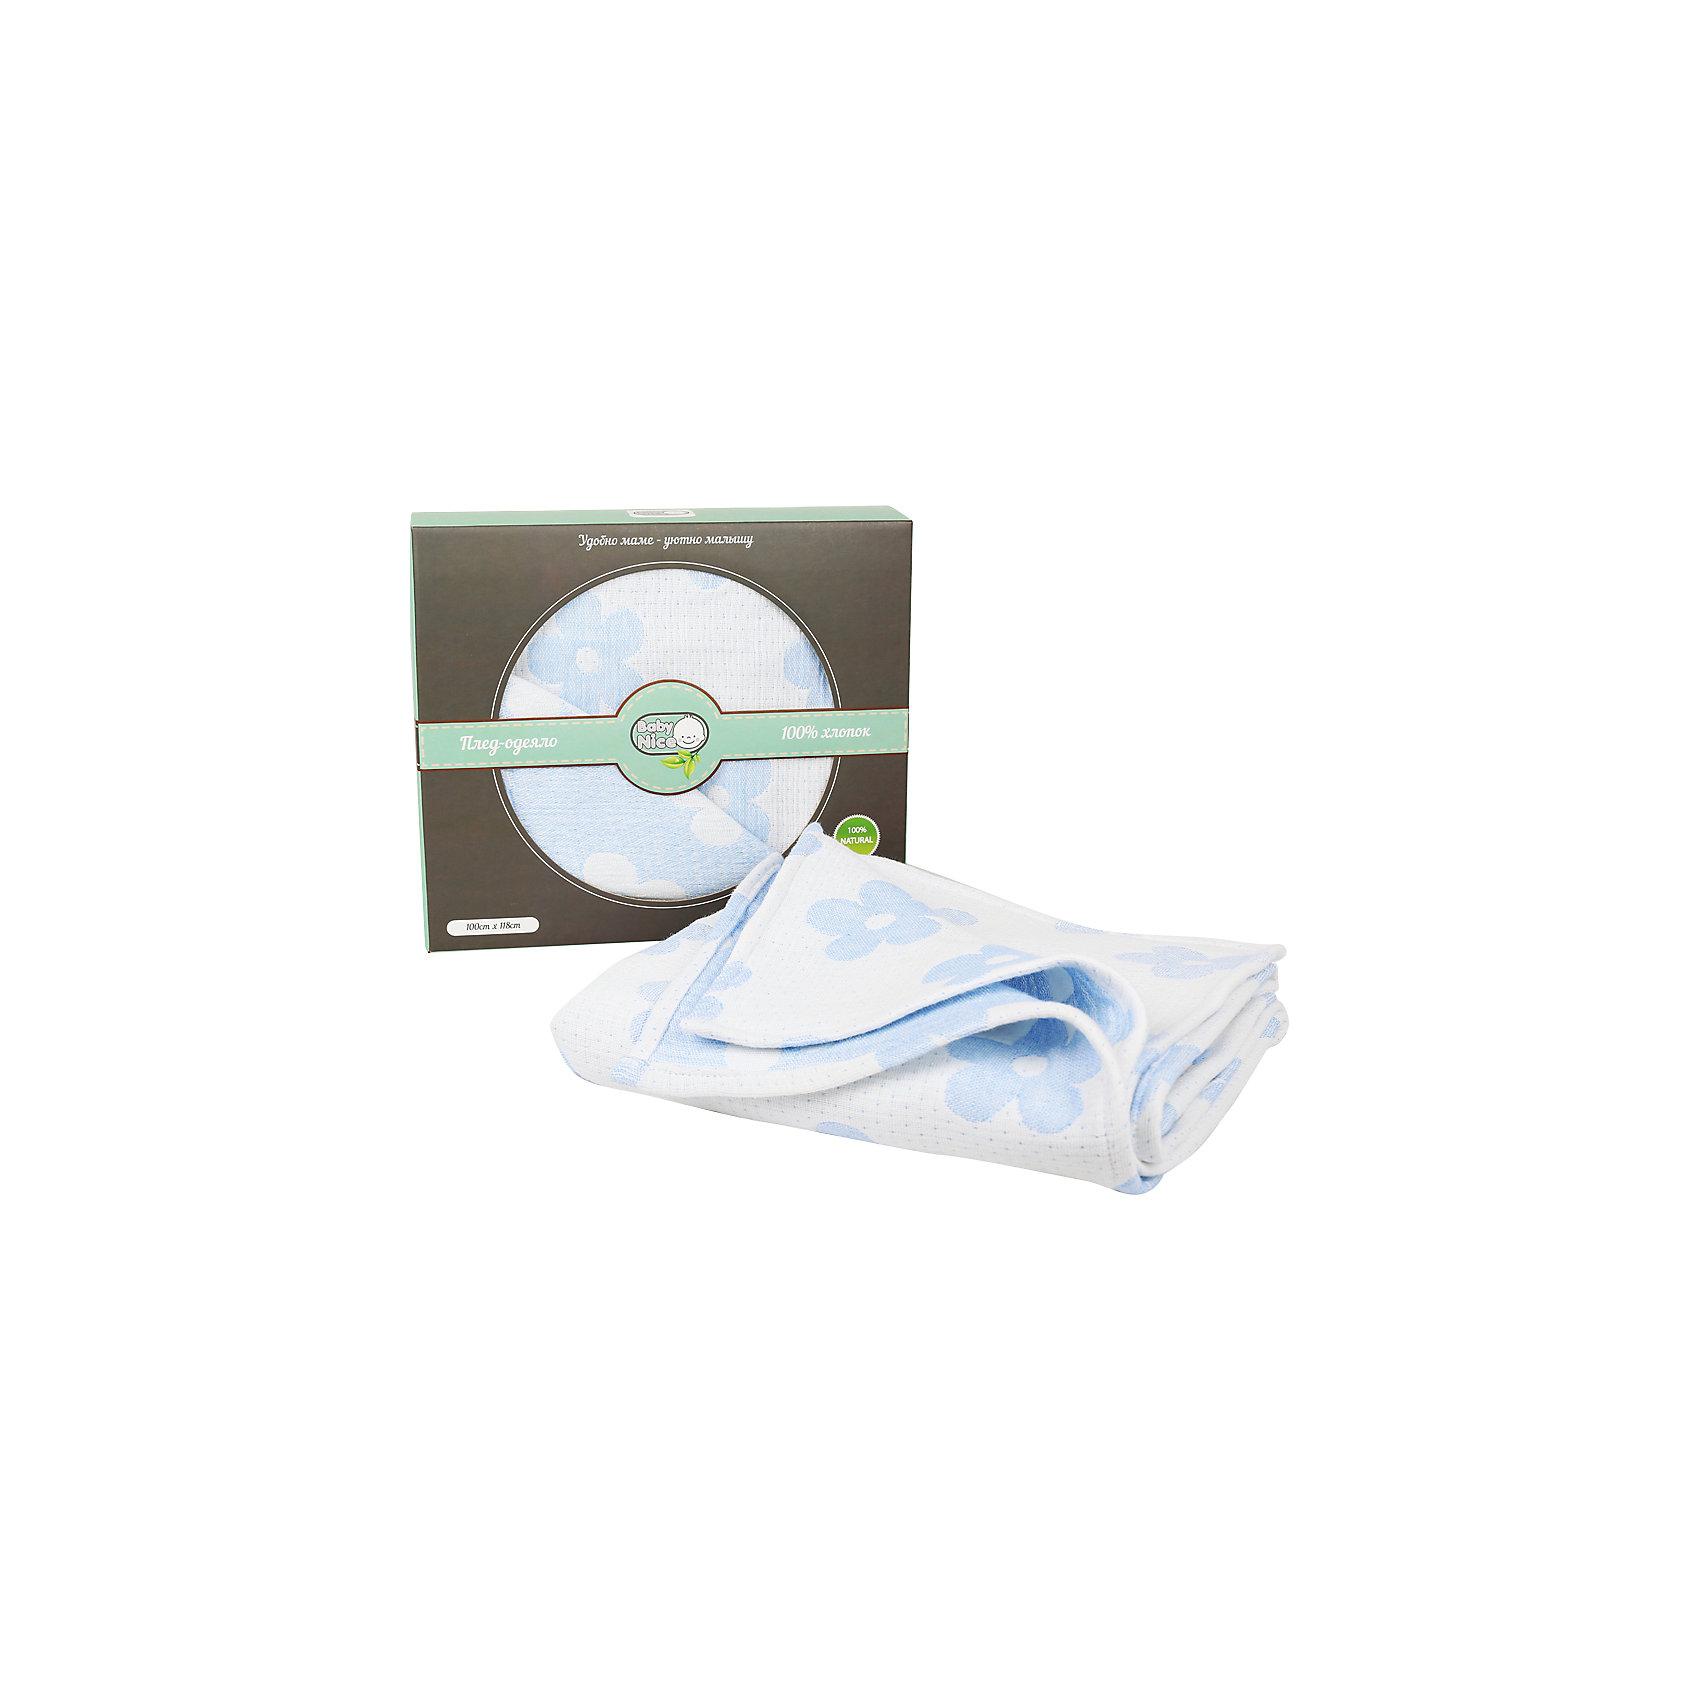 Плед-одеяло из муслина, Baby Nice, голубойПлед-одеяло из муслина, Baby Nice (Беби Найс), голубой – это симпатичное плед-одеяло, изготовленное из мягкого натурального материала.<br>Плед-одеяло для новорожденных из мягкого и дышащего муслинового хлопка идеально подходит для комфортного сна малыша. Состоит из 4 слоев дышащего муслина, которые помогут сохранить тепло собственного тела ребенка, предотвращая перегревание. Во время прогулки послужит легким одеялом в коляску, которое защитит от прохлады и солнечных лучей. Муслин - это идеальная ткань для новорождённого, которая имеет плотное плетение и при этом прекрасно растягивается. Особенность ткани переносимость большого количества стирок, ткань становится мягче и лучше. Плед-одеяло быстро сохнет и не требует глажки.<br><br>Дополнительная информация:<br><br>- Размер: 110х118 см.<br>- Материал: 100% муслиновый хлопок<br>- Цвет: голубой<br>- Хорошая воздухопроницаемость и гигроскопичность<br>- Предназначен для круглогодичного использования<br>- Ткань сохраняет свои свойства даже после многочисленных стирок<br>- Идеален для комфортного сна ребенка<br>- Уникальный стильный и модный дизайн<br><br>Плед-одеяло из муслина, Baby Nice (Беби Найс), голубой можно купить в нашем интернет-магазине.<br><br>Ширина мм: 450<br>Глубина мм: 450<br>Высота мм: 40<br>Вес г: 500<br>Цвет: голубой<br>Возраст от месяцев: 0<br>Возраст до месяцев: 36<br>Пол: Мужской<br>Возраст: Детский<br>SKU: 3859424